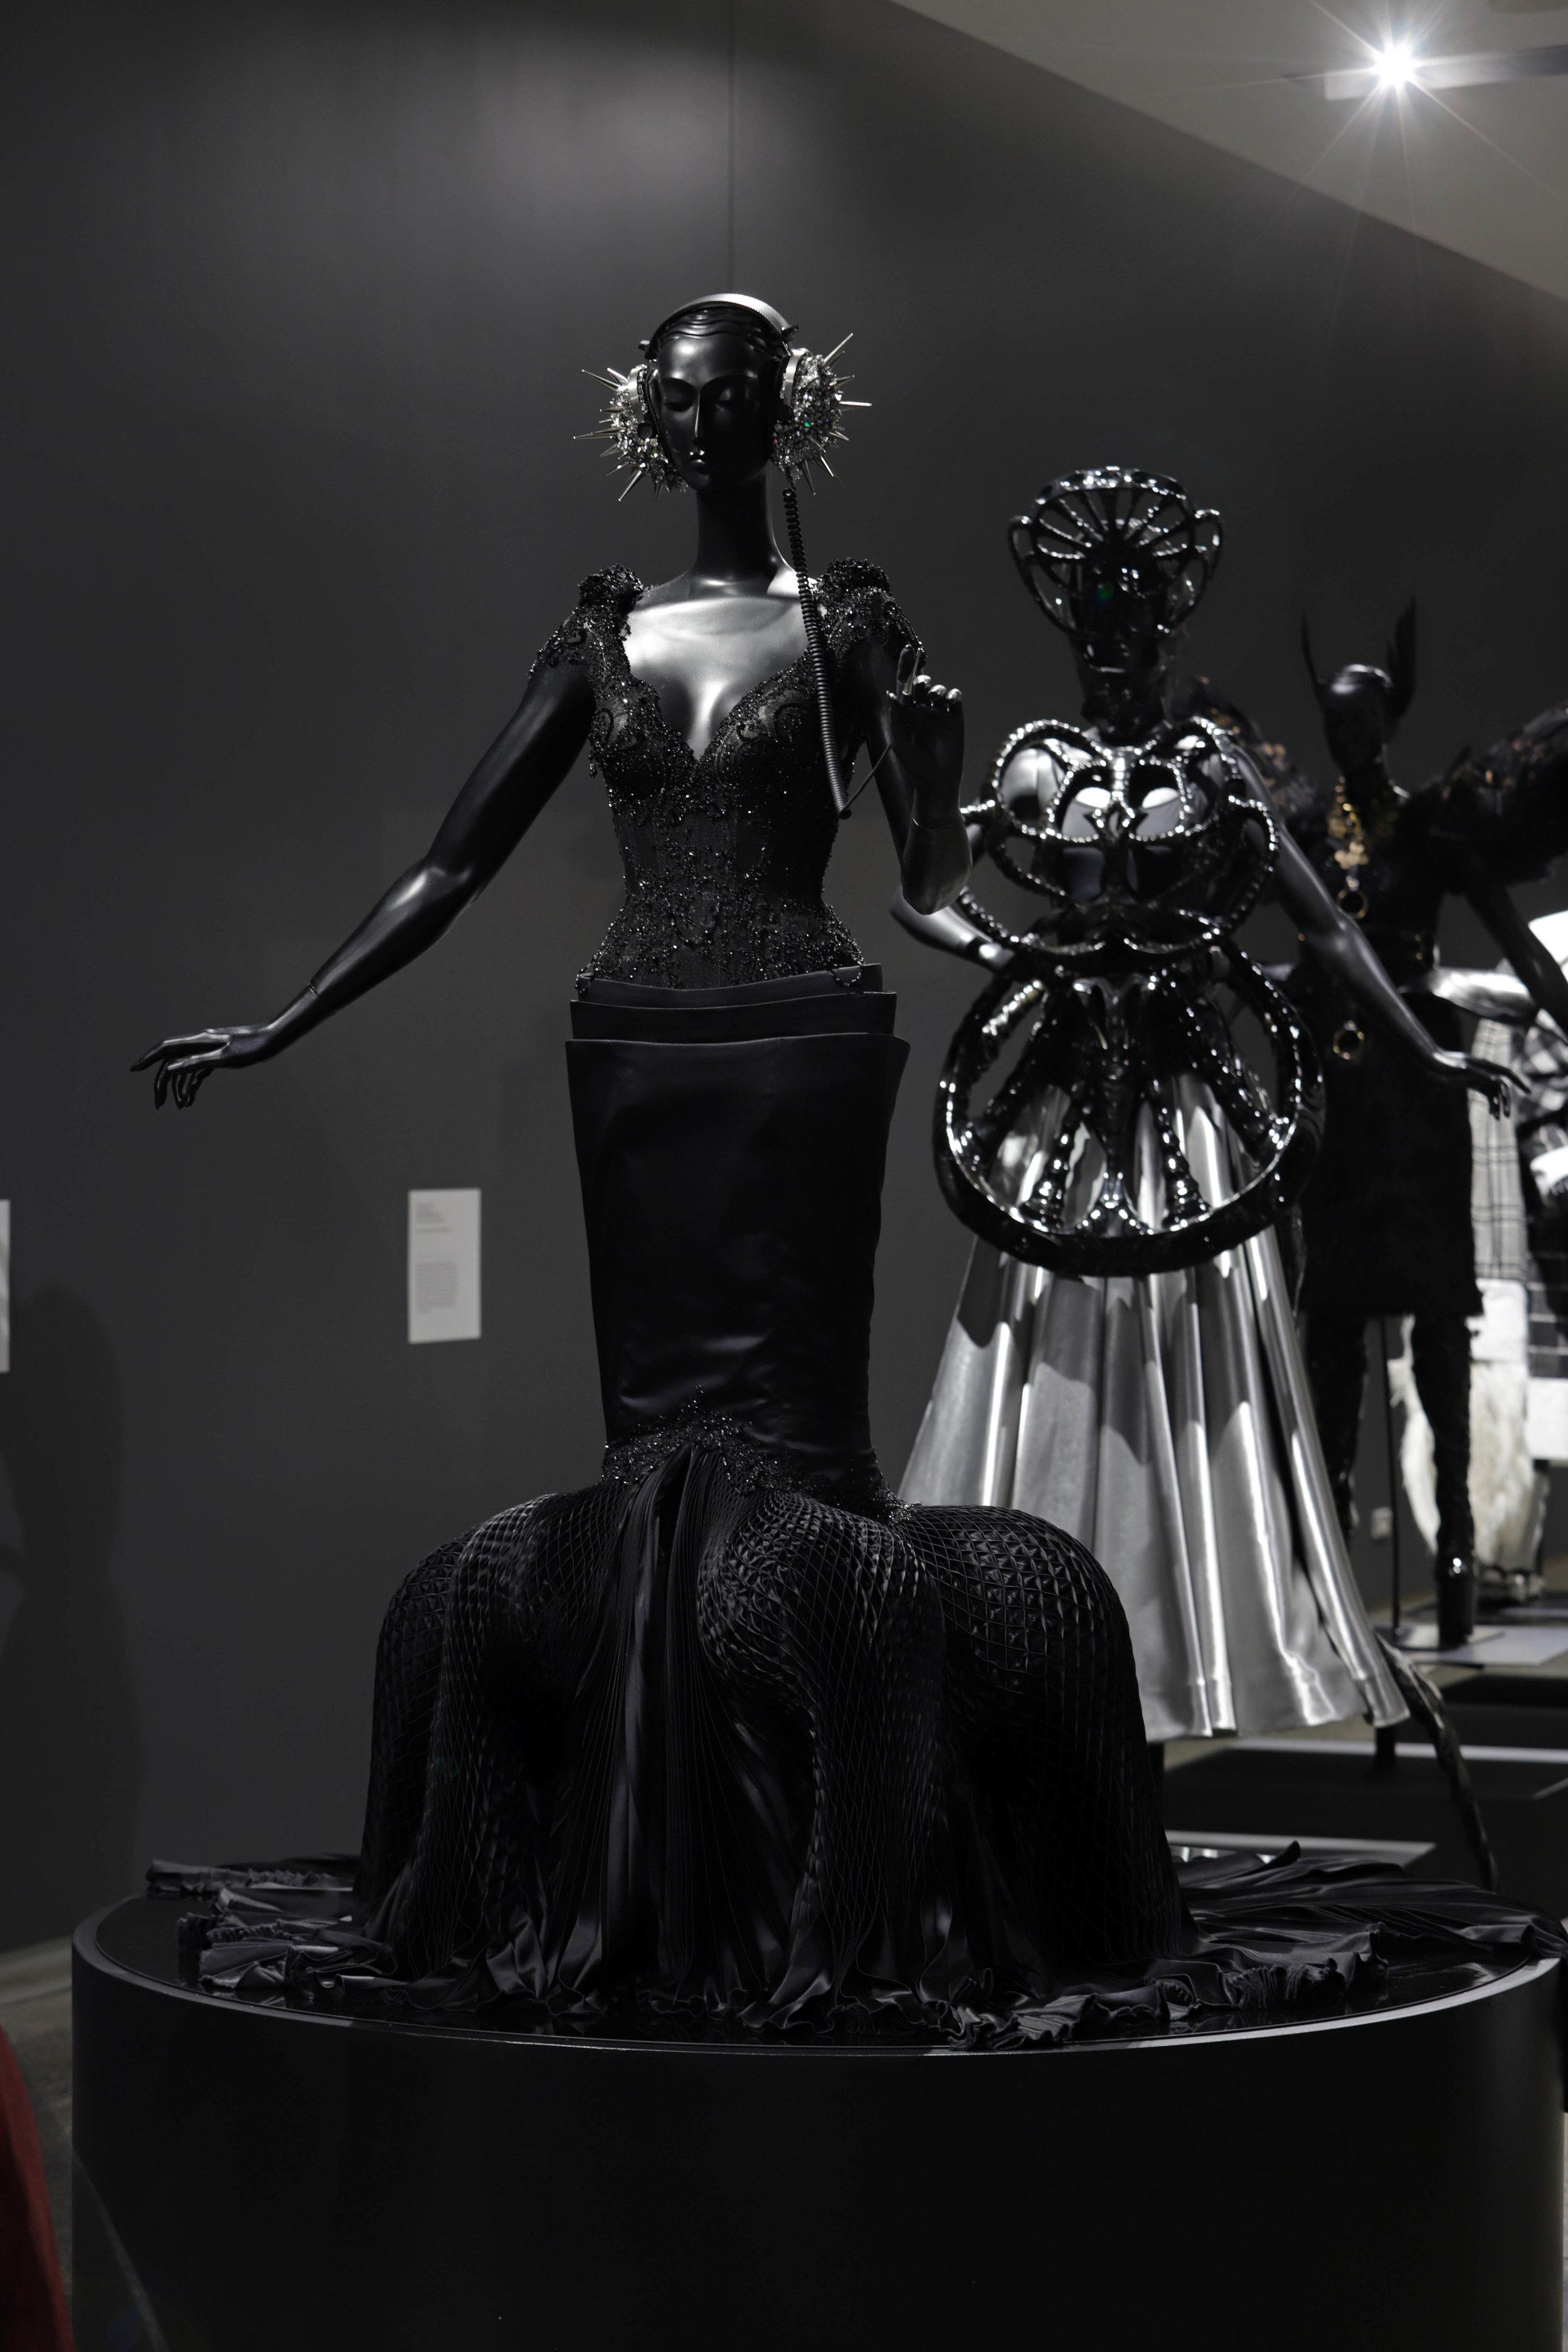 2018 Exhibition_Echoplex-Goddess of Reverb (2).jpg